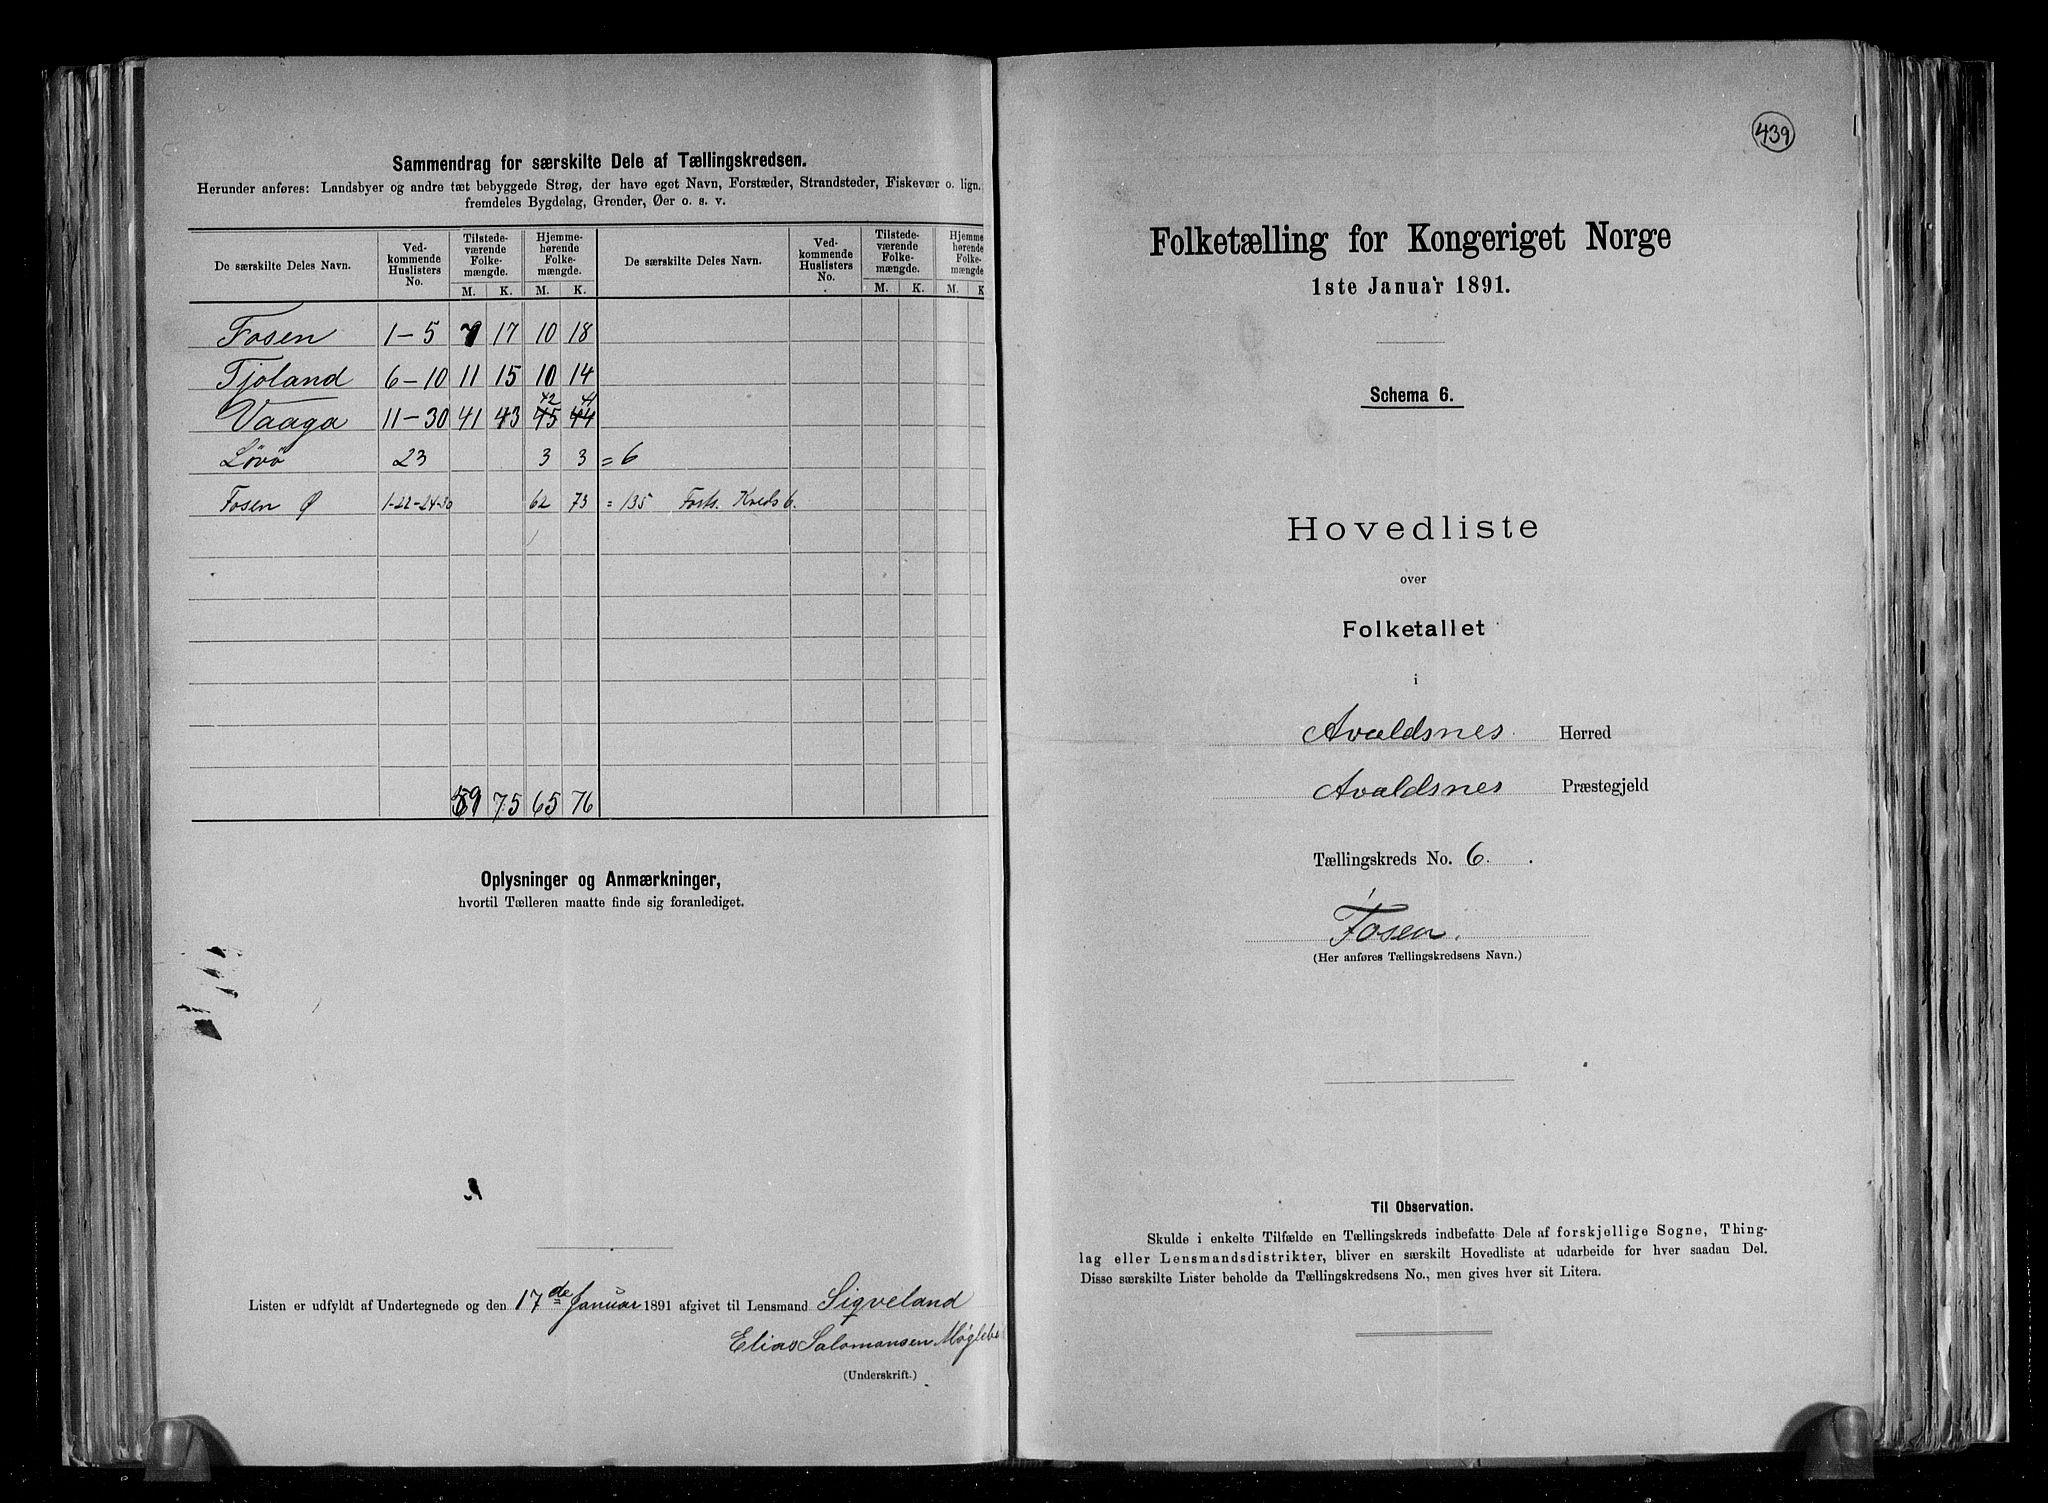 RA, Folketelling 1891 for 1147 Avaldsnes herred, 1891, s. 32